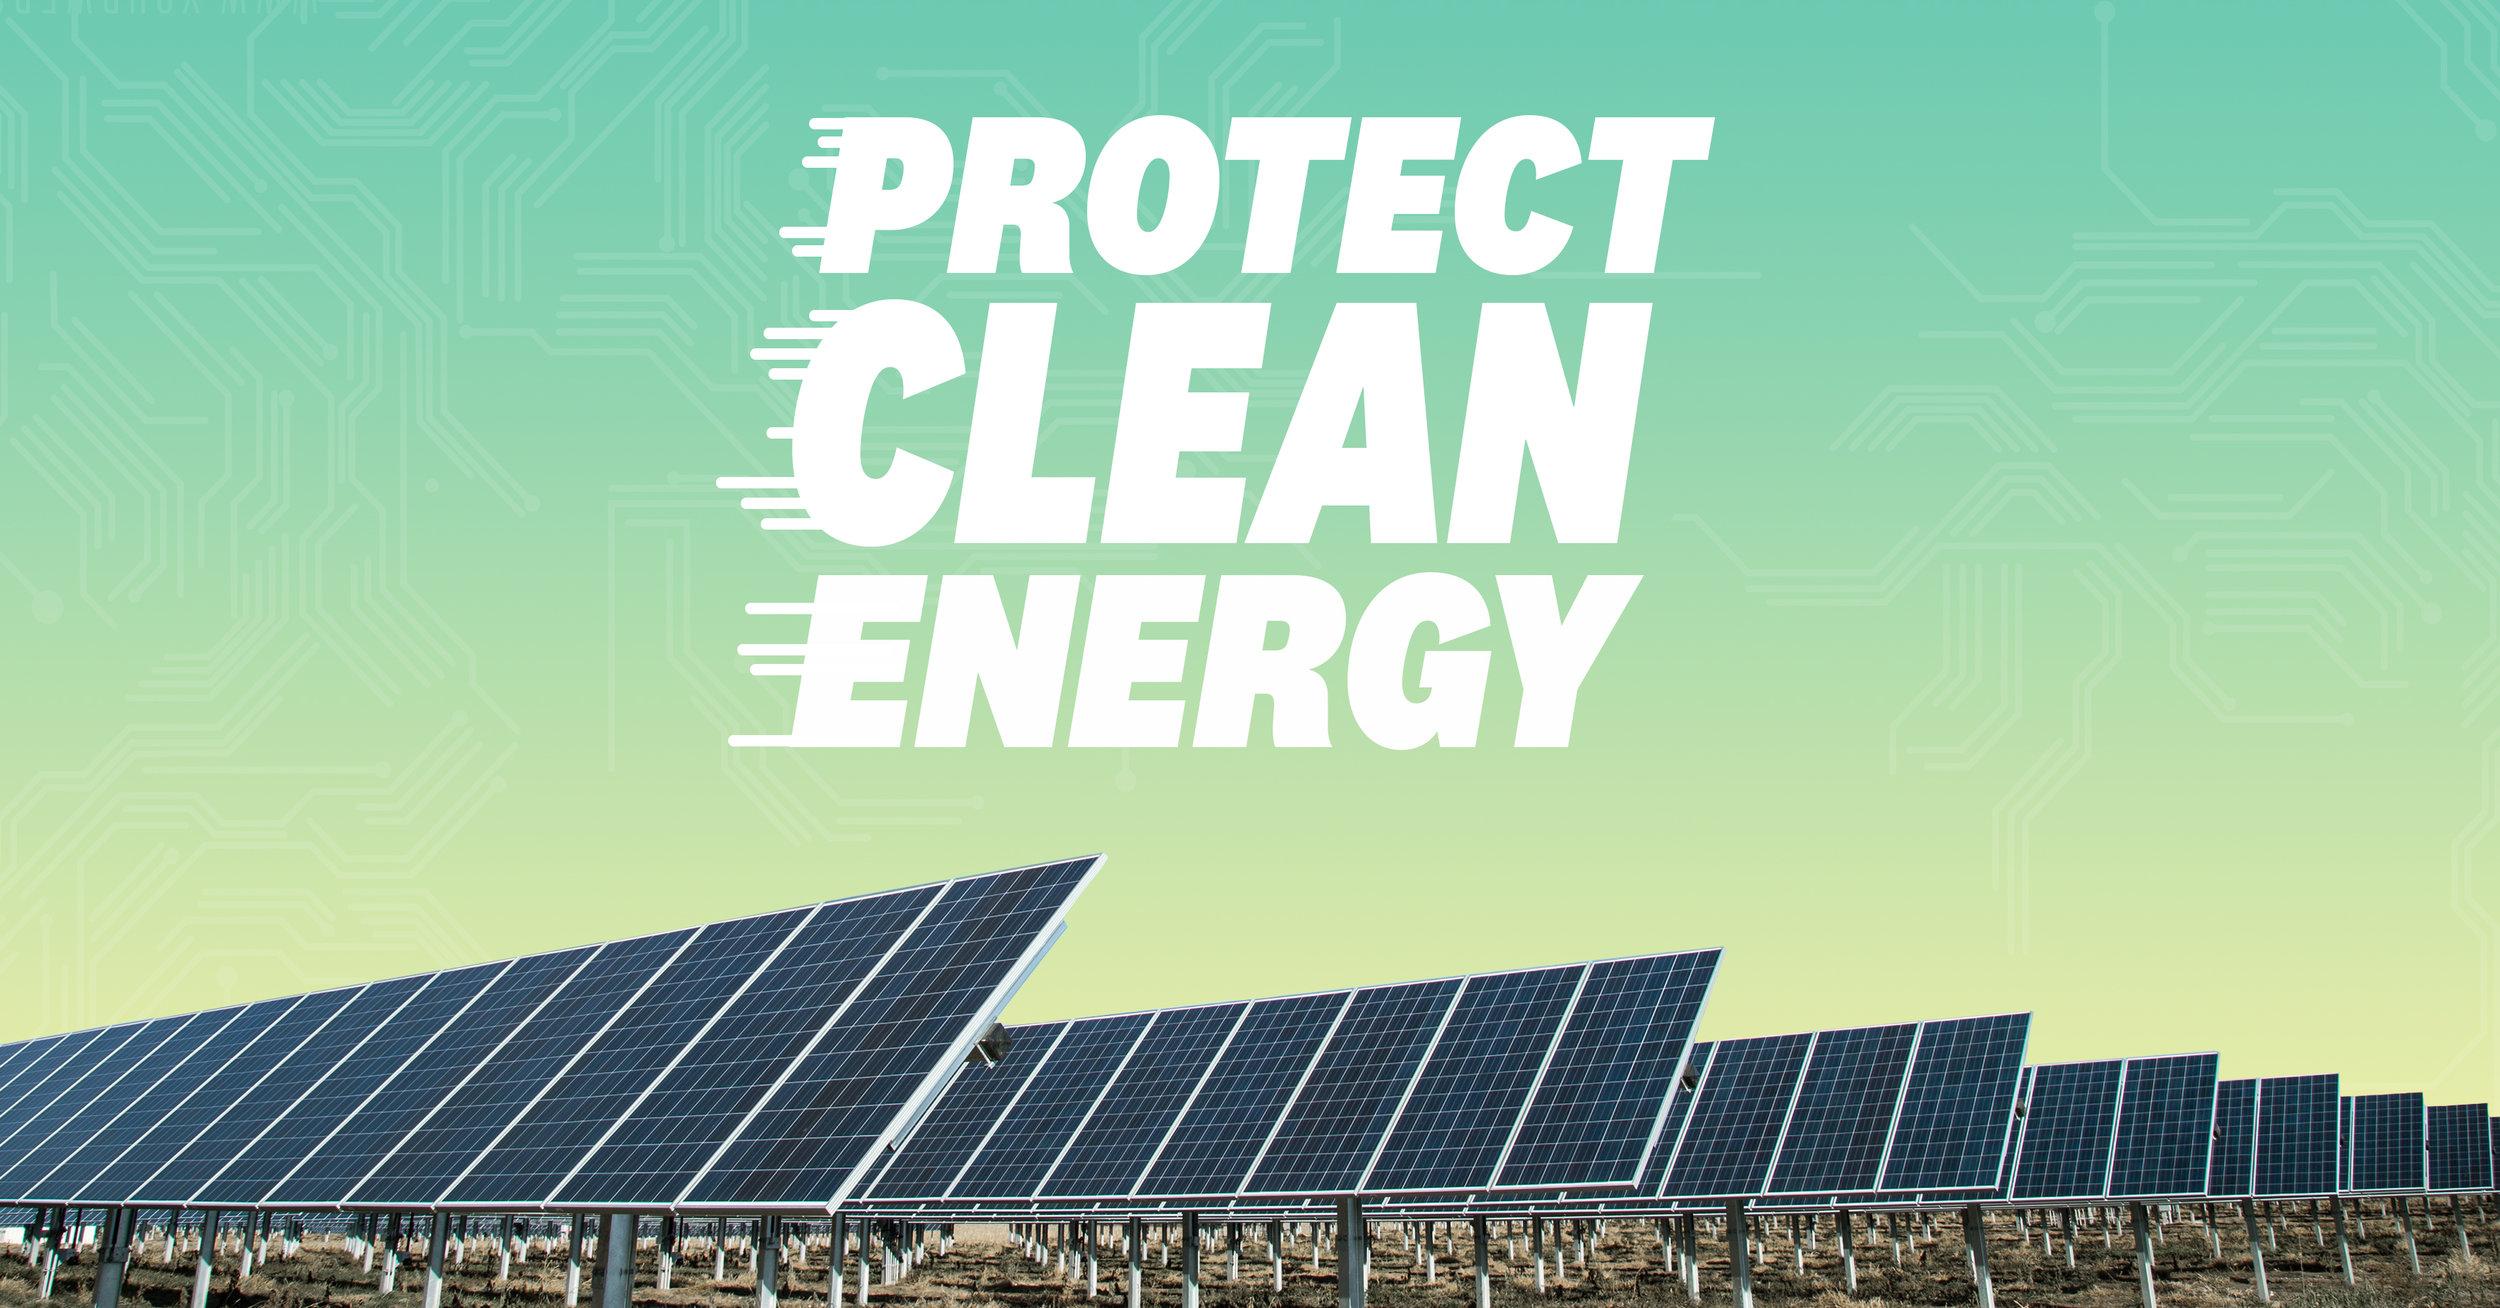 2018_protect_clean_energy_1.jpg